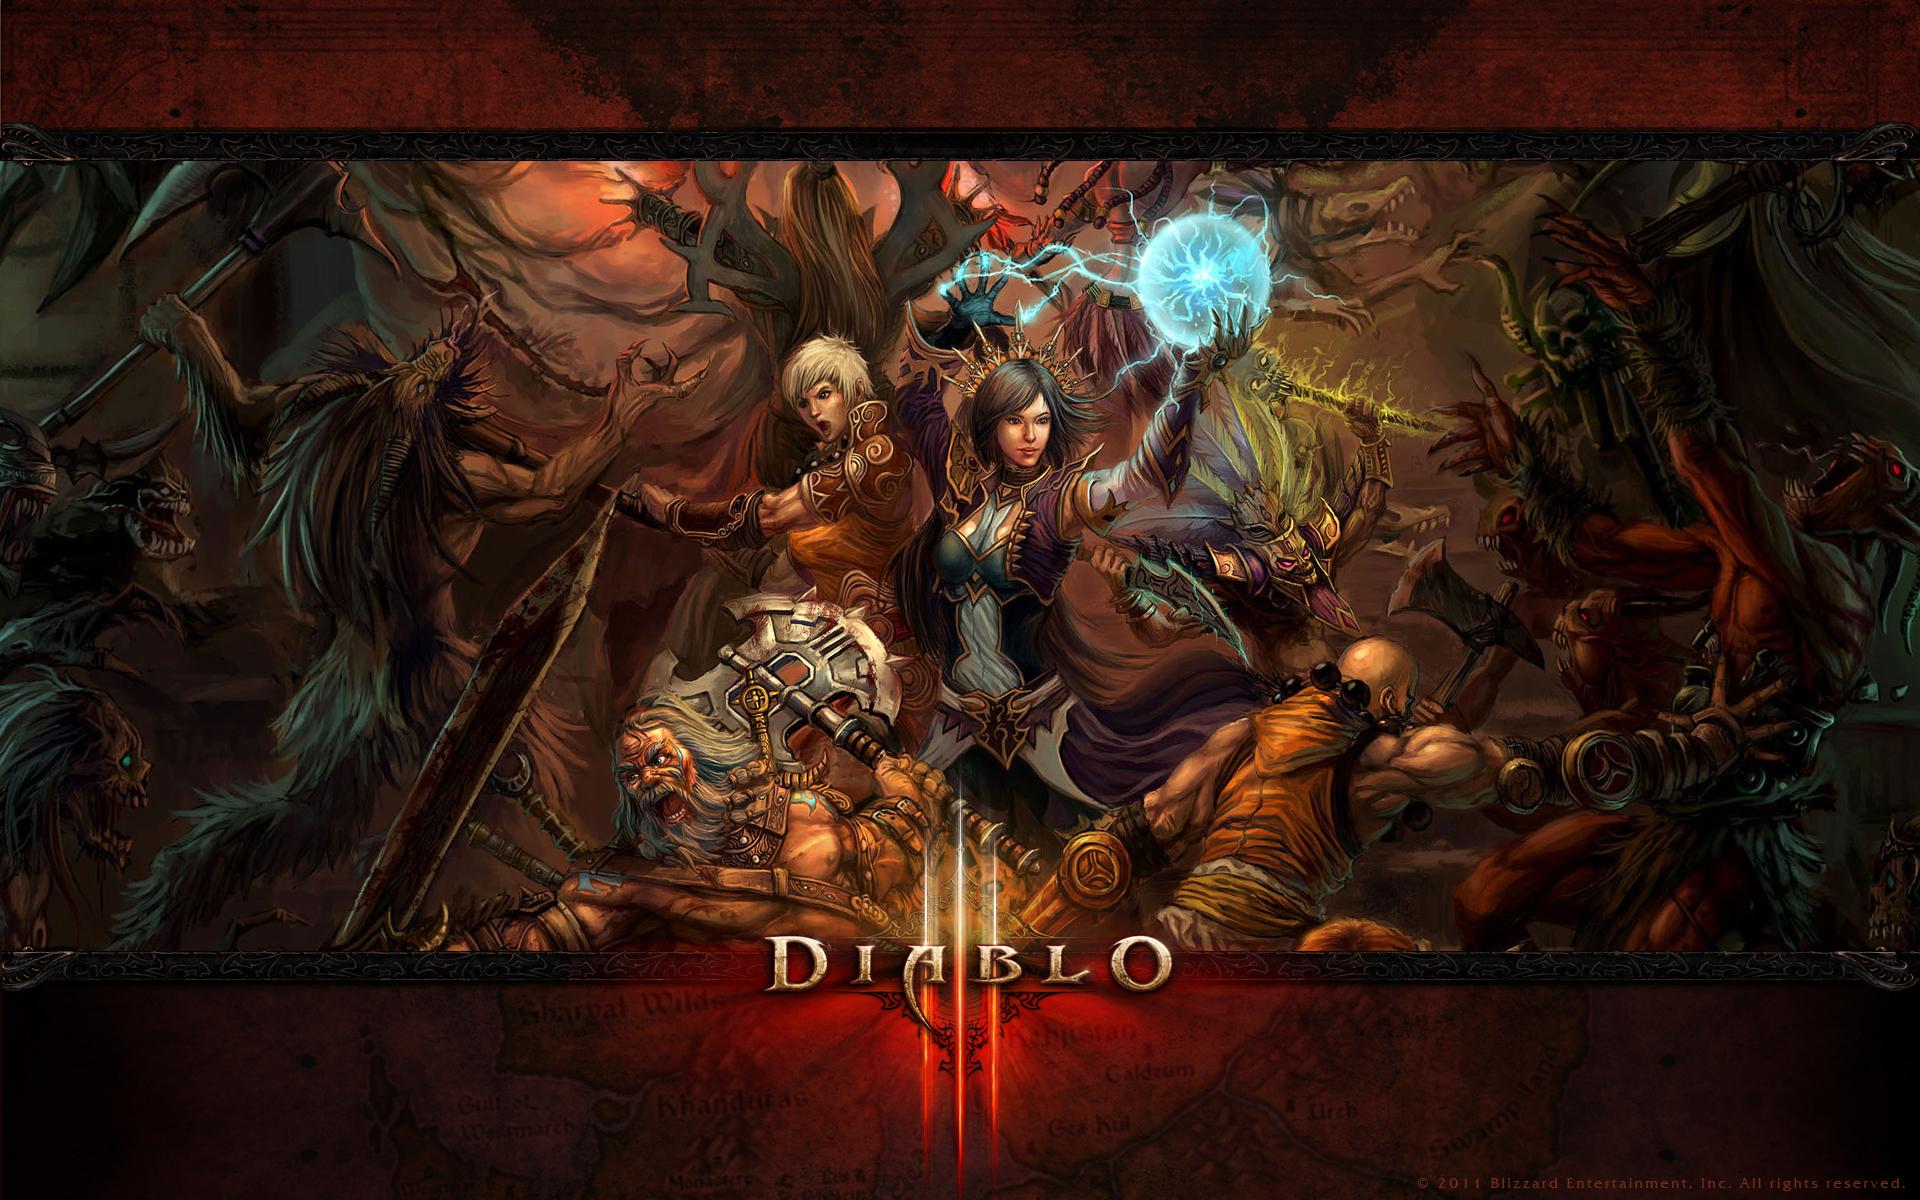 tags desktop wallpapers diablo iii hd wallpapers hd wallpapers hq 1920x1200